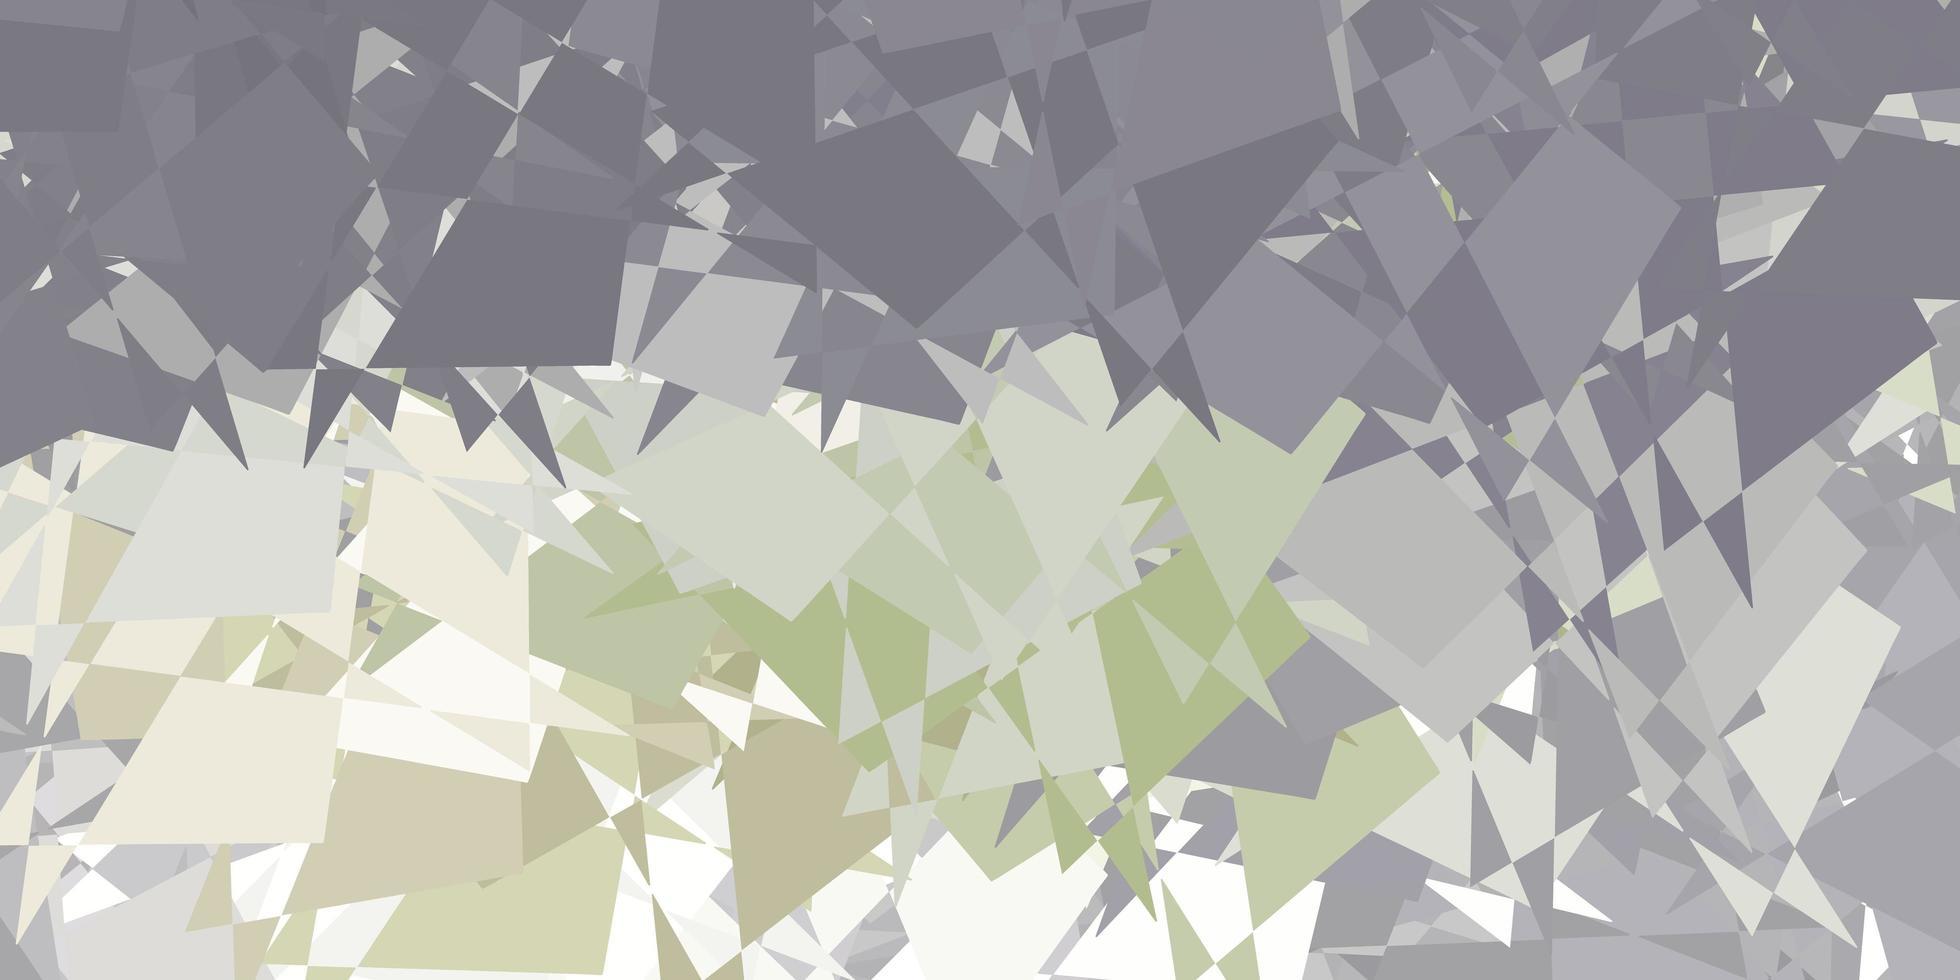 lichtgrijze vectorachtergrond met chaotische vormen. vector